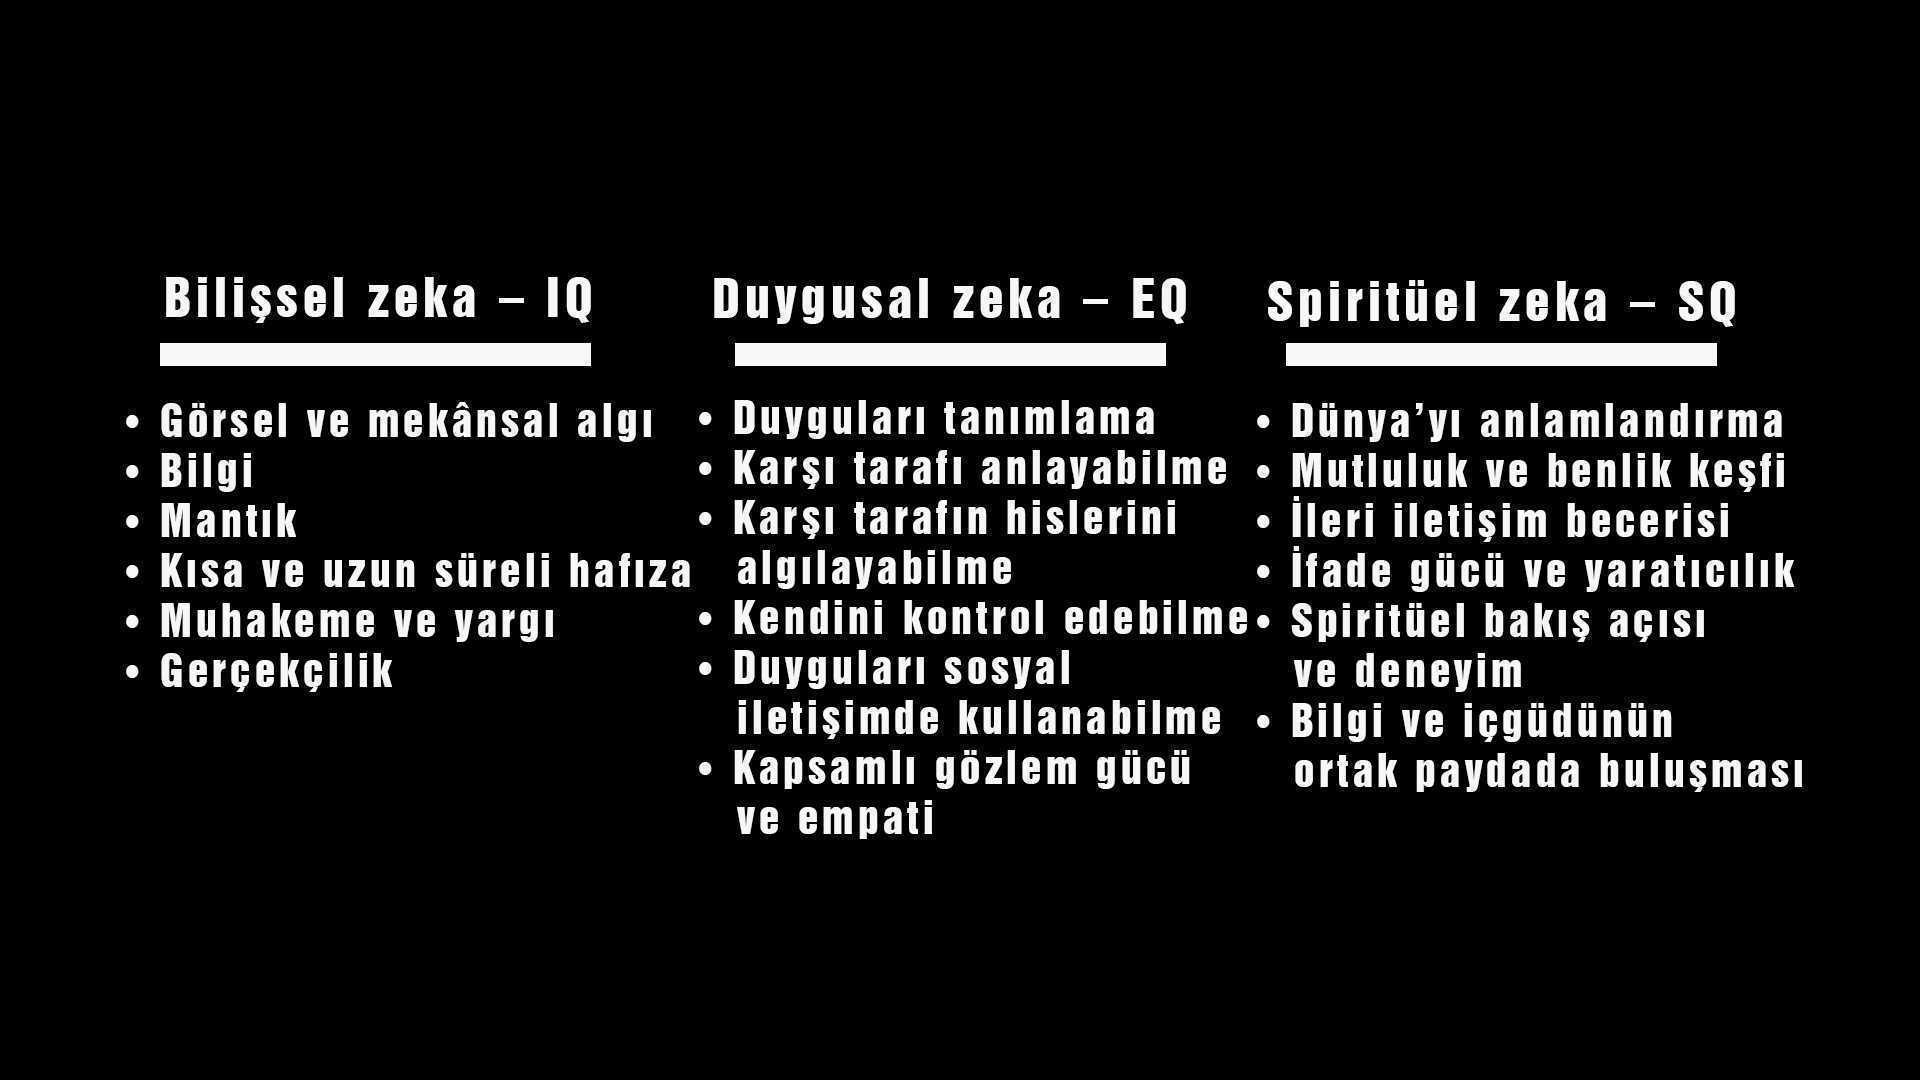 Yani bu manna direk beyine etki ediyor onun için şu üç maddeyi bilmemizde fayda var. Bilişsel zeka, Duygusal zeka ve Spiritüel zeka..